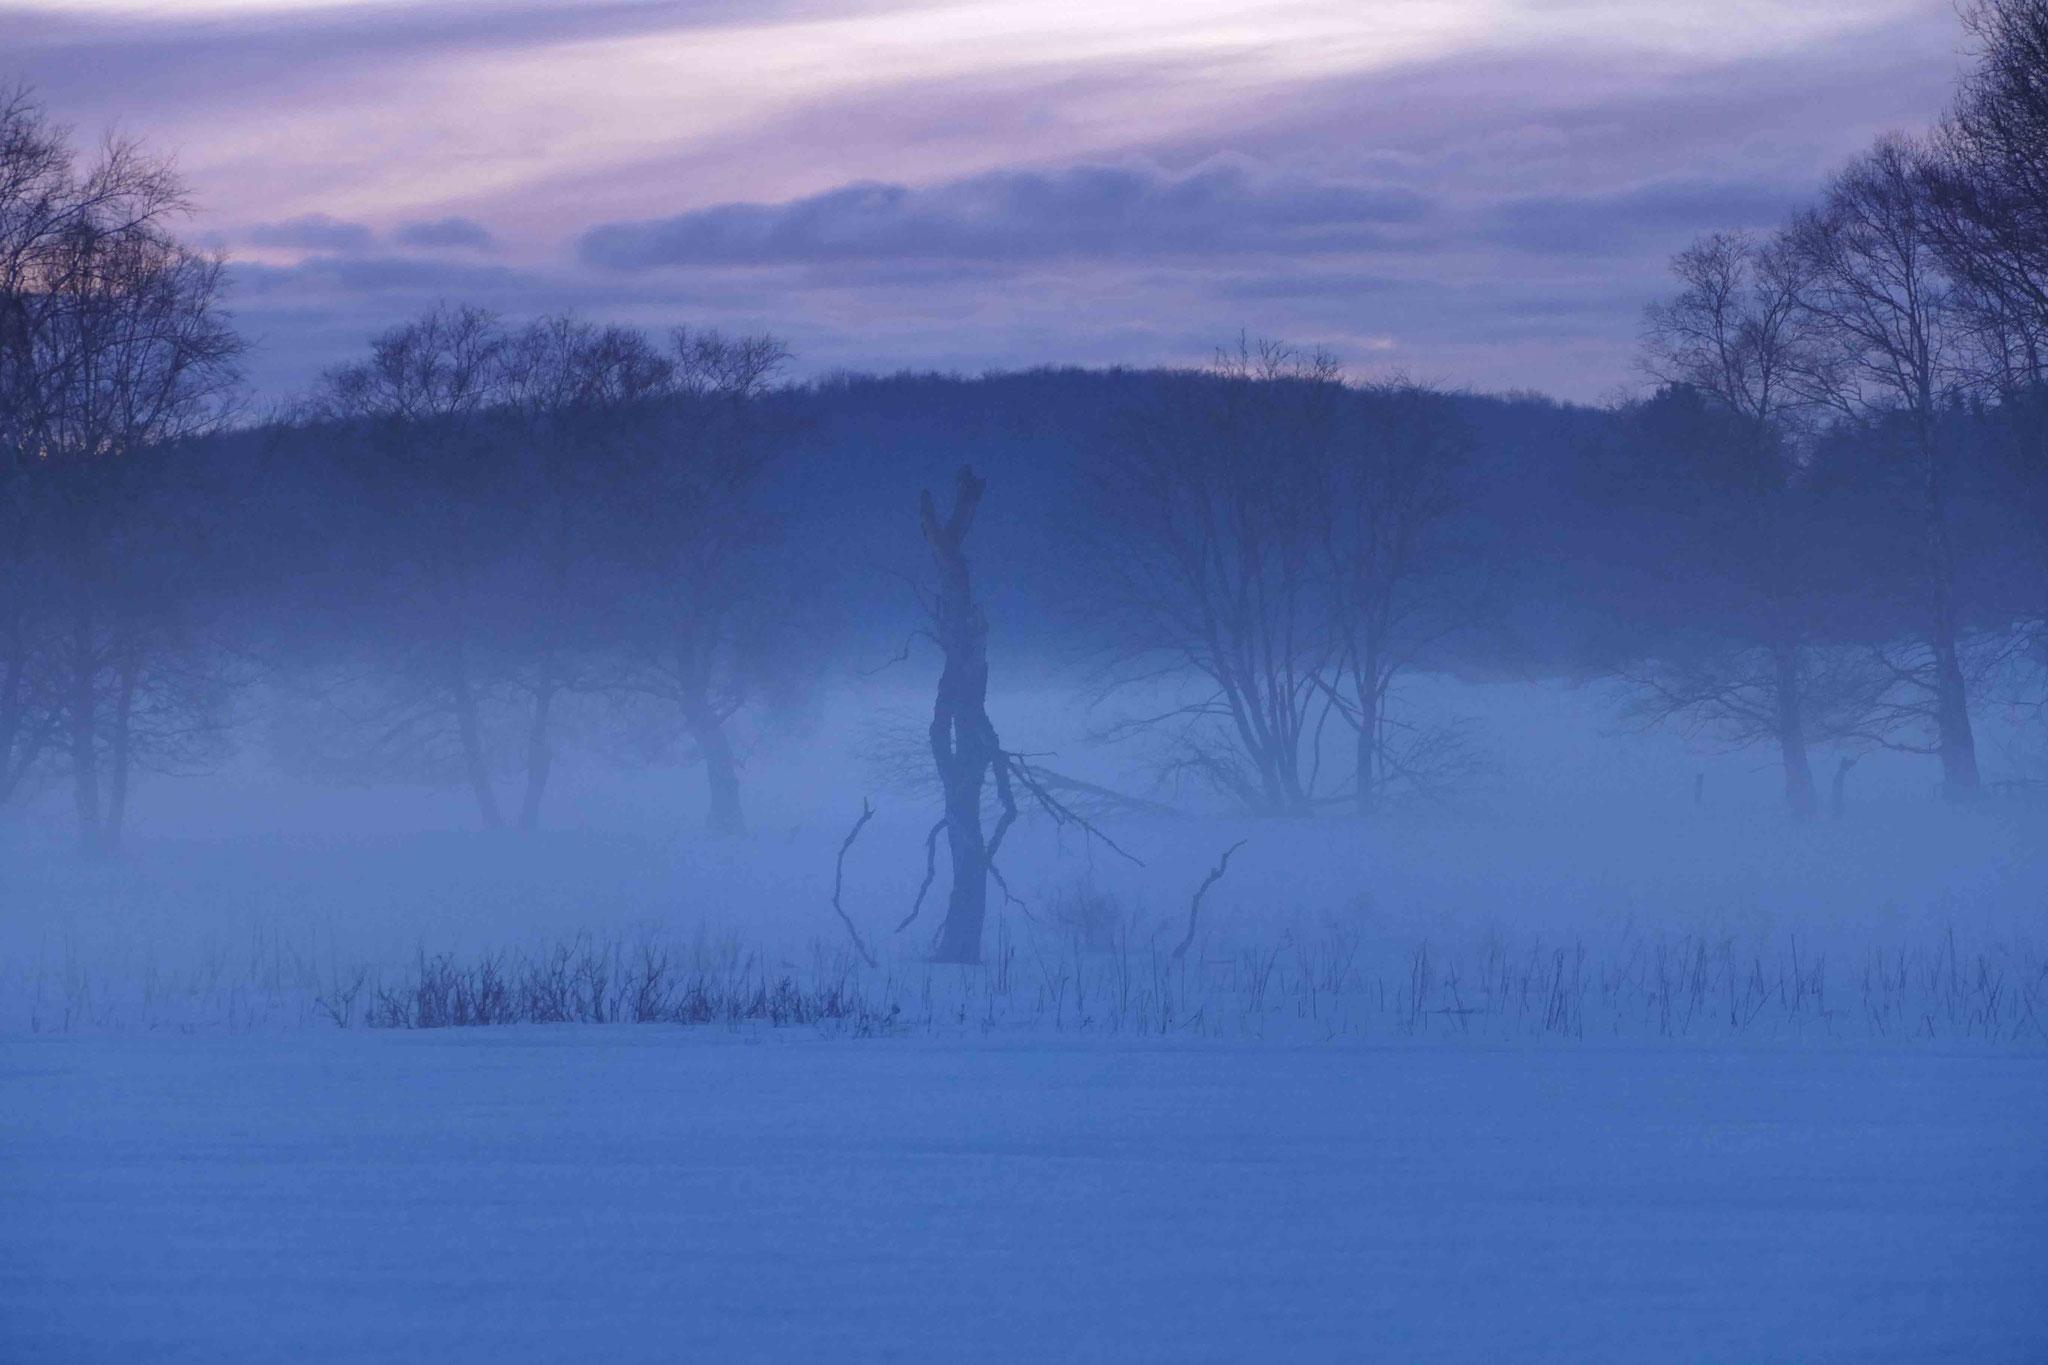 Mystische Moor Landschaft; Schopflocher Moor im Winter